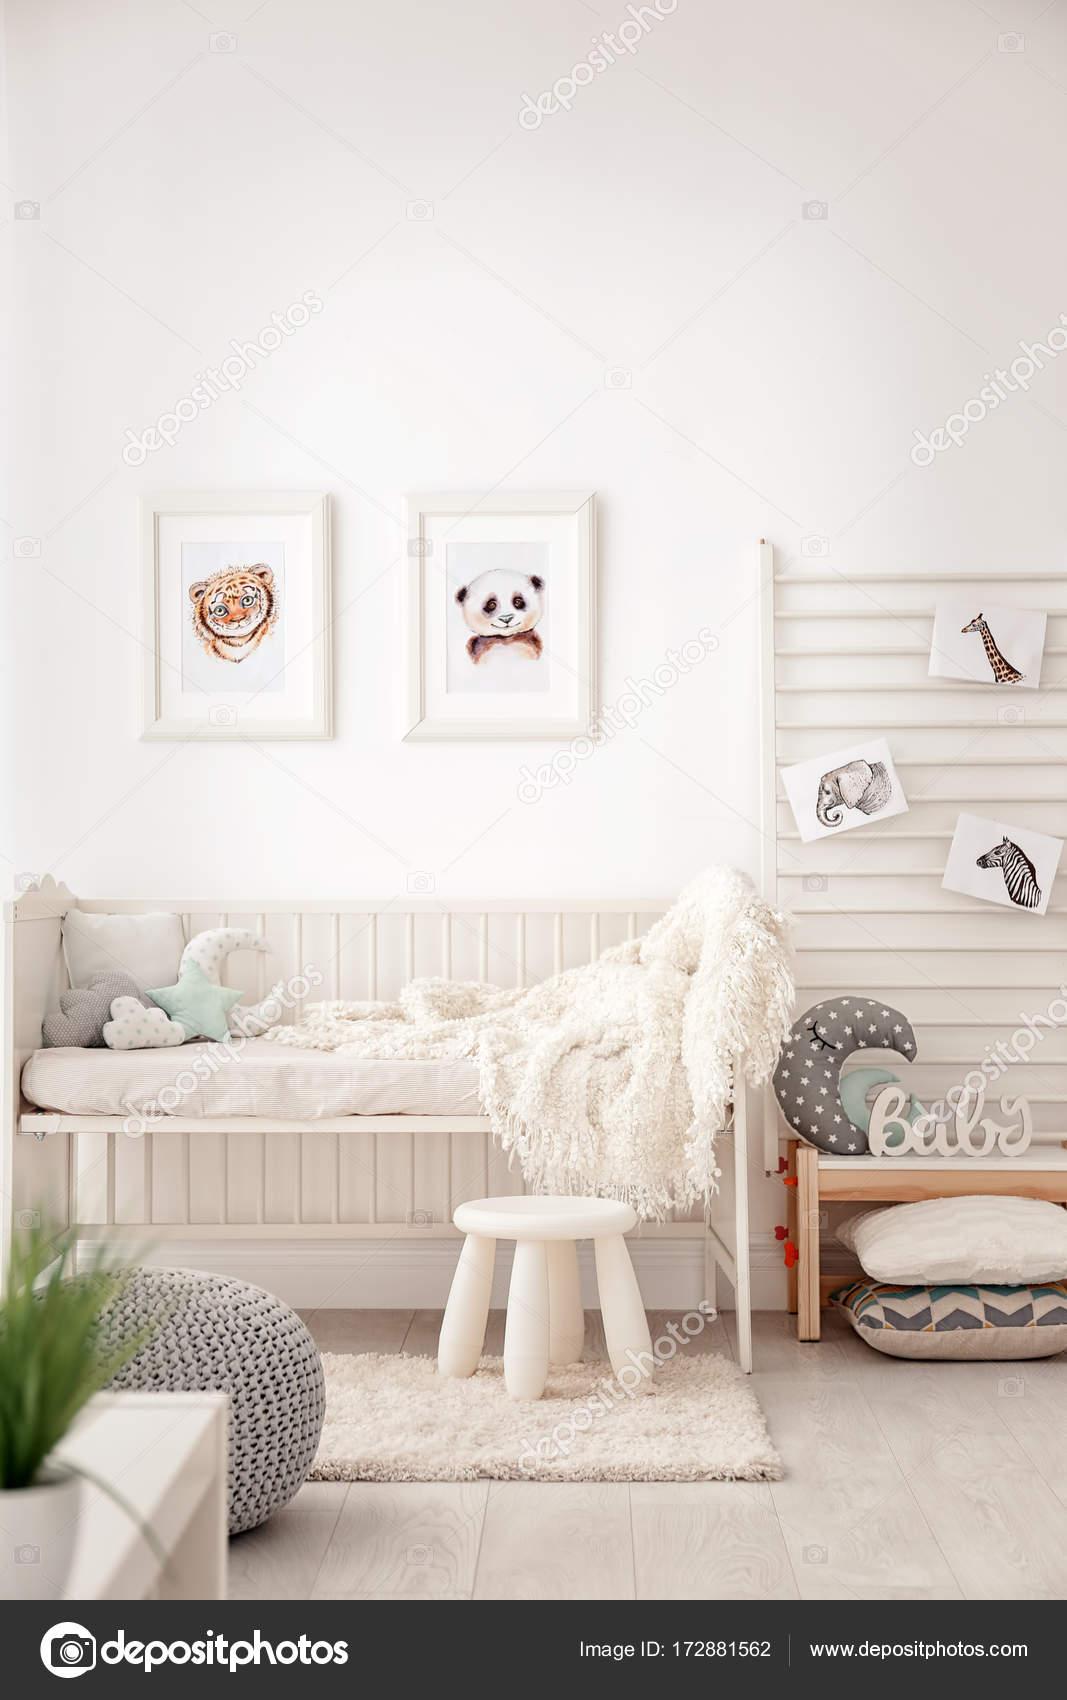 Mooie Baby Slaapkamer.Baby Slaapkamer Met Foto S Van Dieren Stockfoto